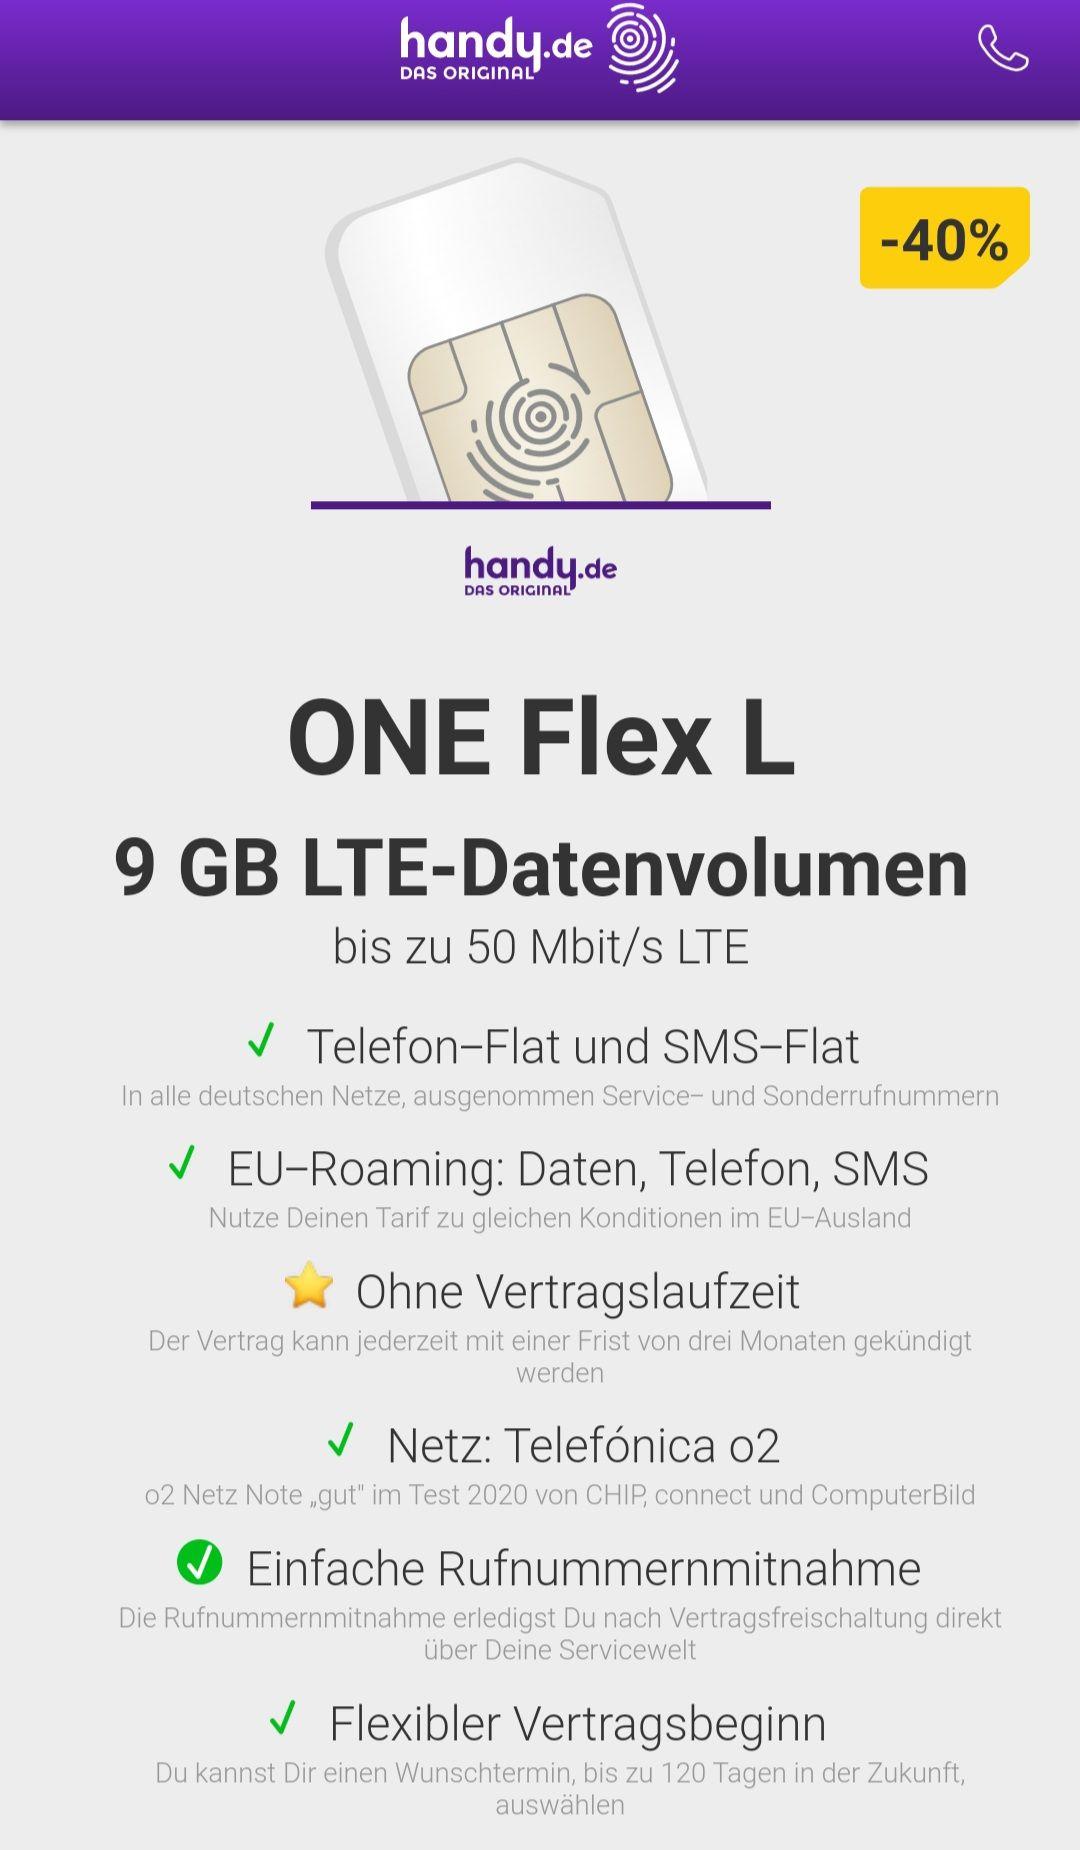 Handy.de - O2 - 9 GB nur 8,99 EUR - ohne Vertragslaufzeit - inkl. Telefonie- und SMS-Flat - Einmalige Anschlusskosten 19,99€.